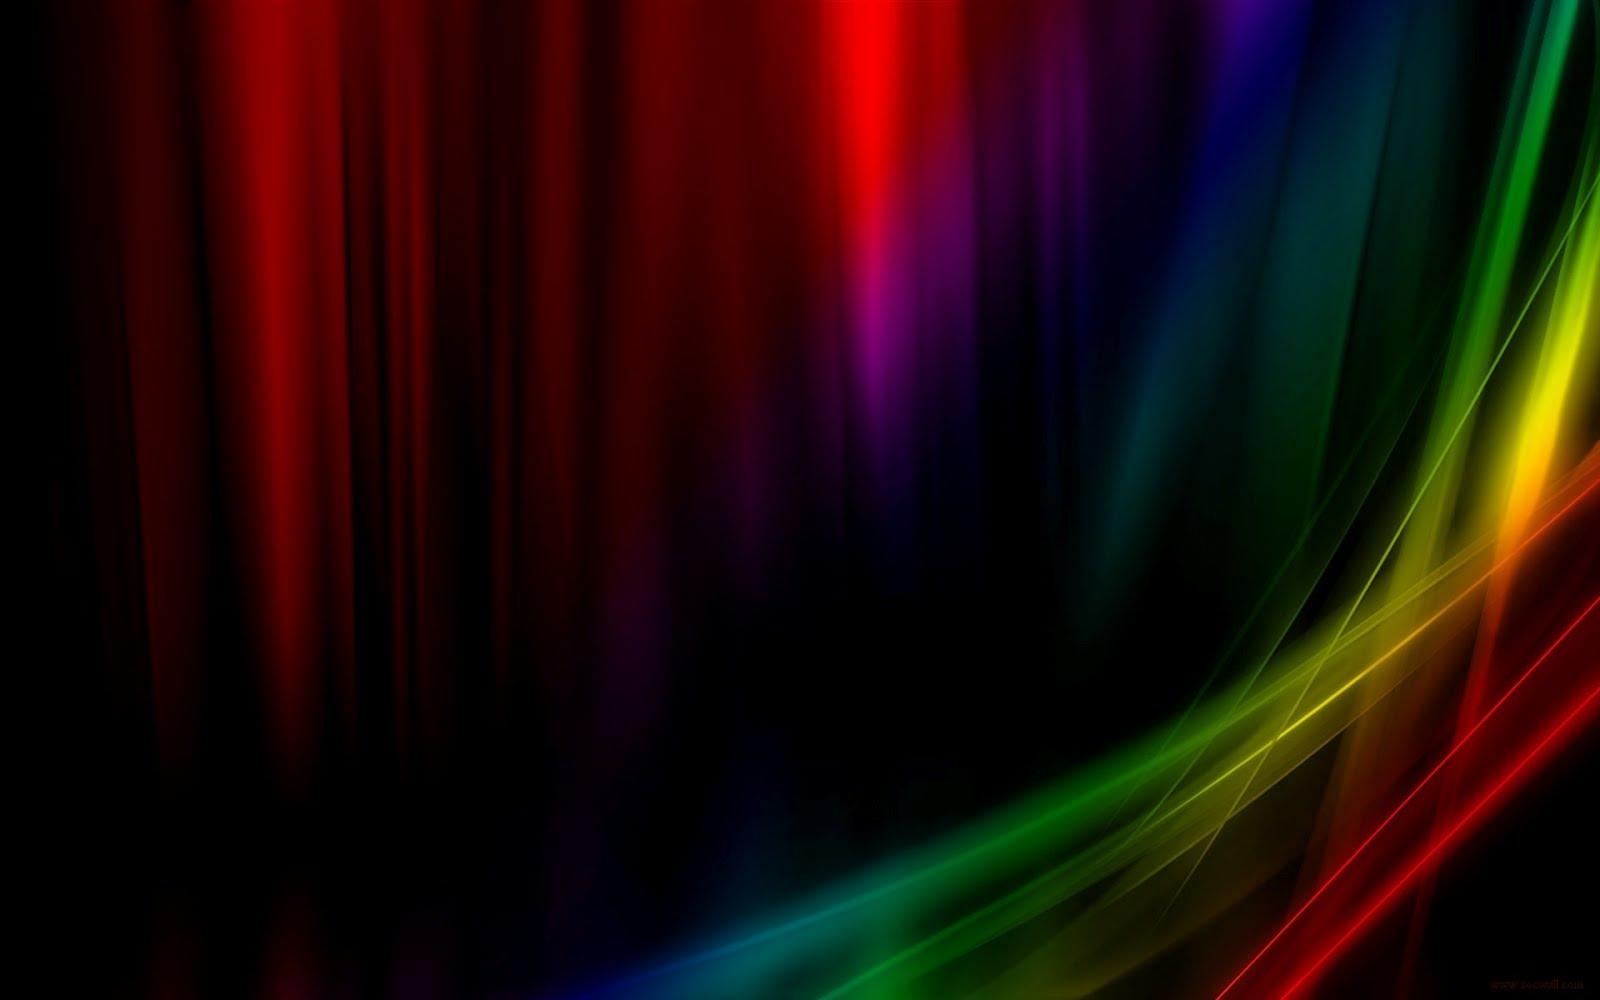 Todo Msn Chat ver Fondos abstractos de colores muy lindos para pc y laptop